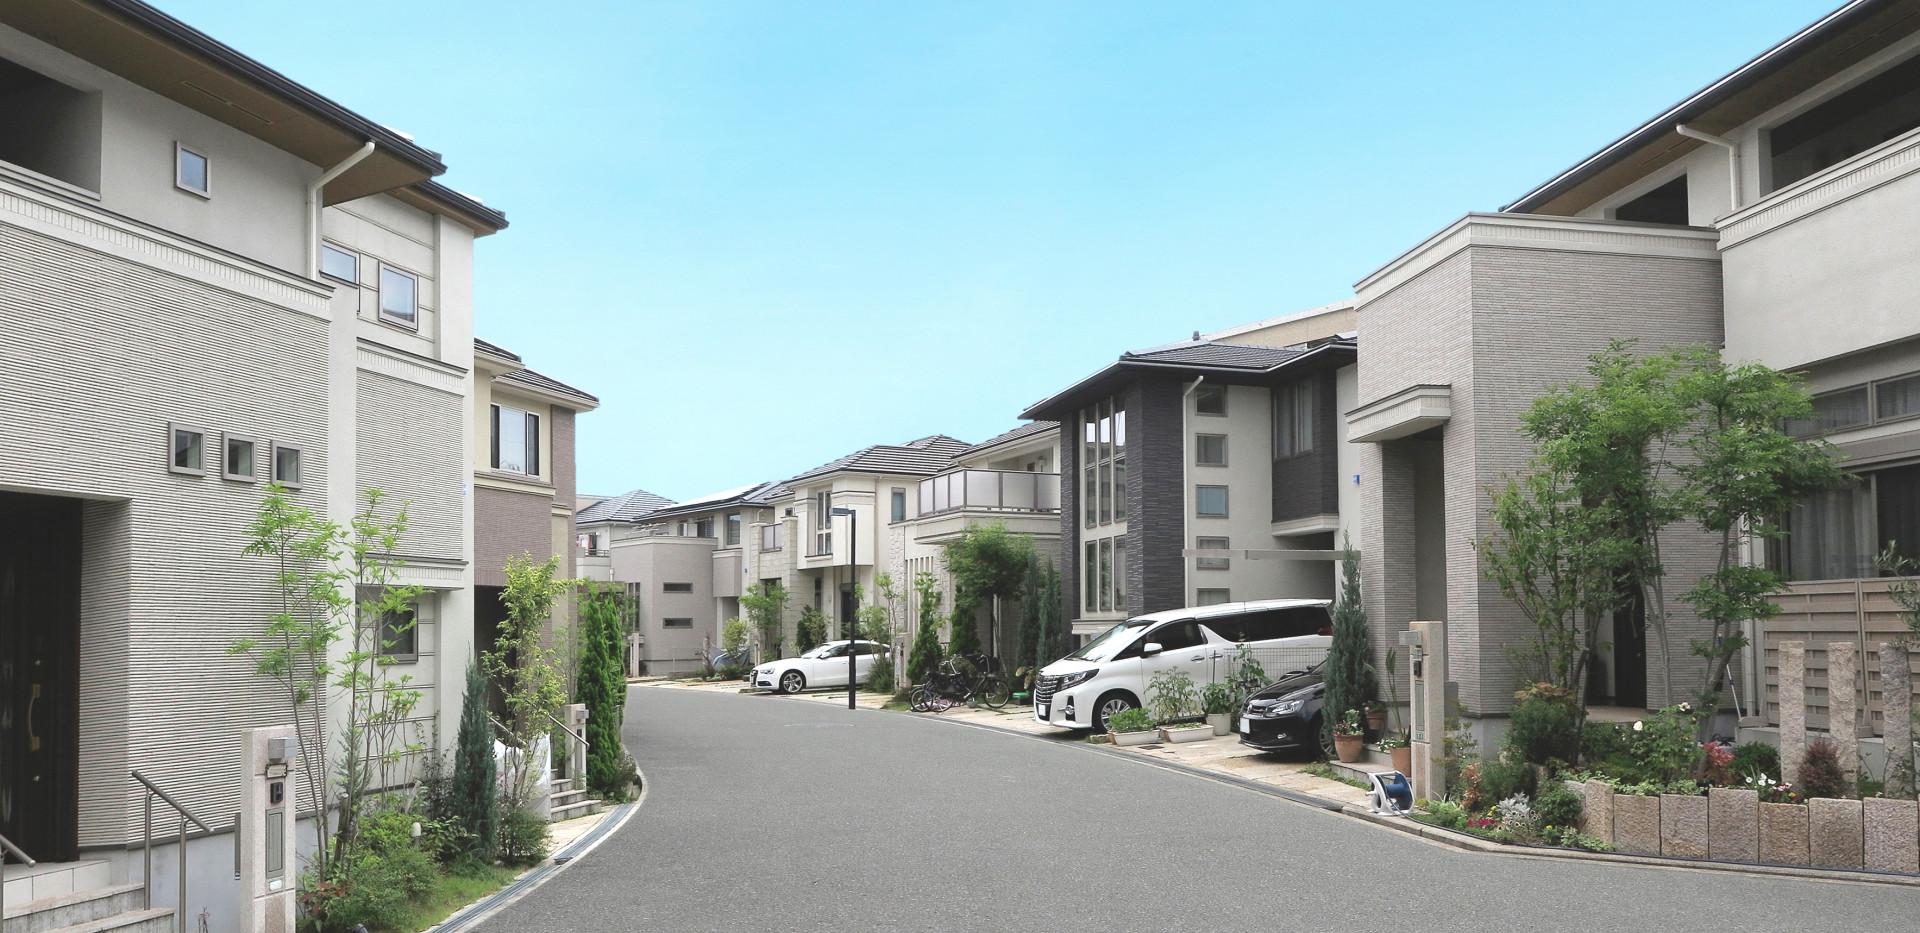 住宅街の全体の美観と個性の調和